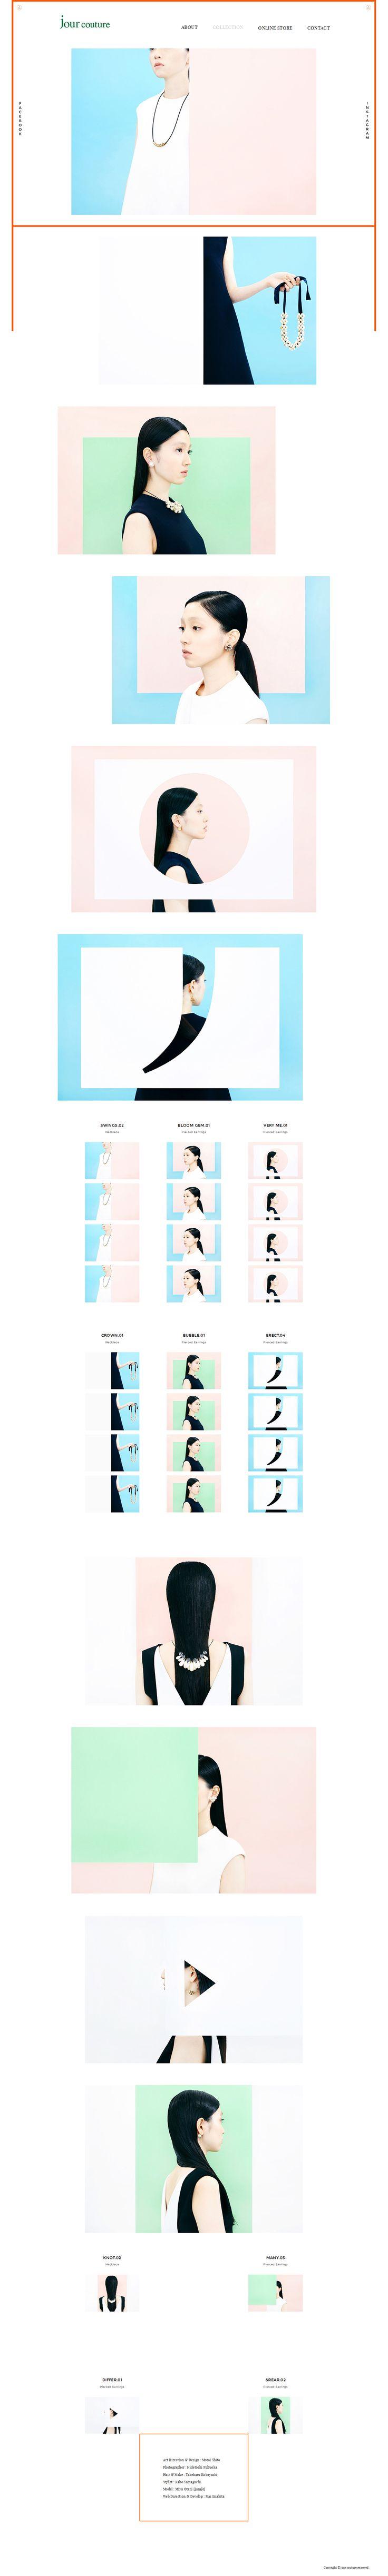 » jour couture| 縦長のwebデザインギャラリー・サイトリンク集|MUUUUU.ORG